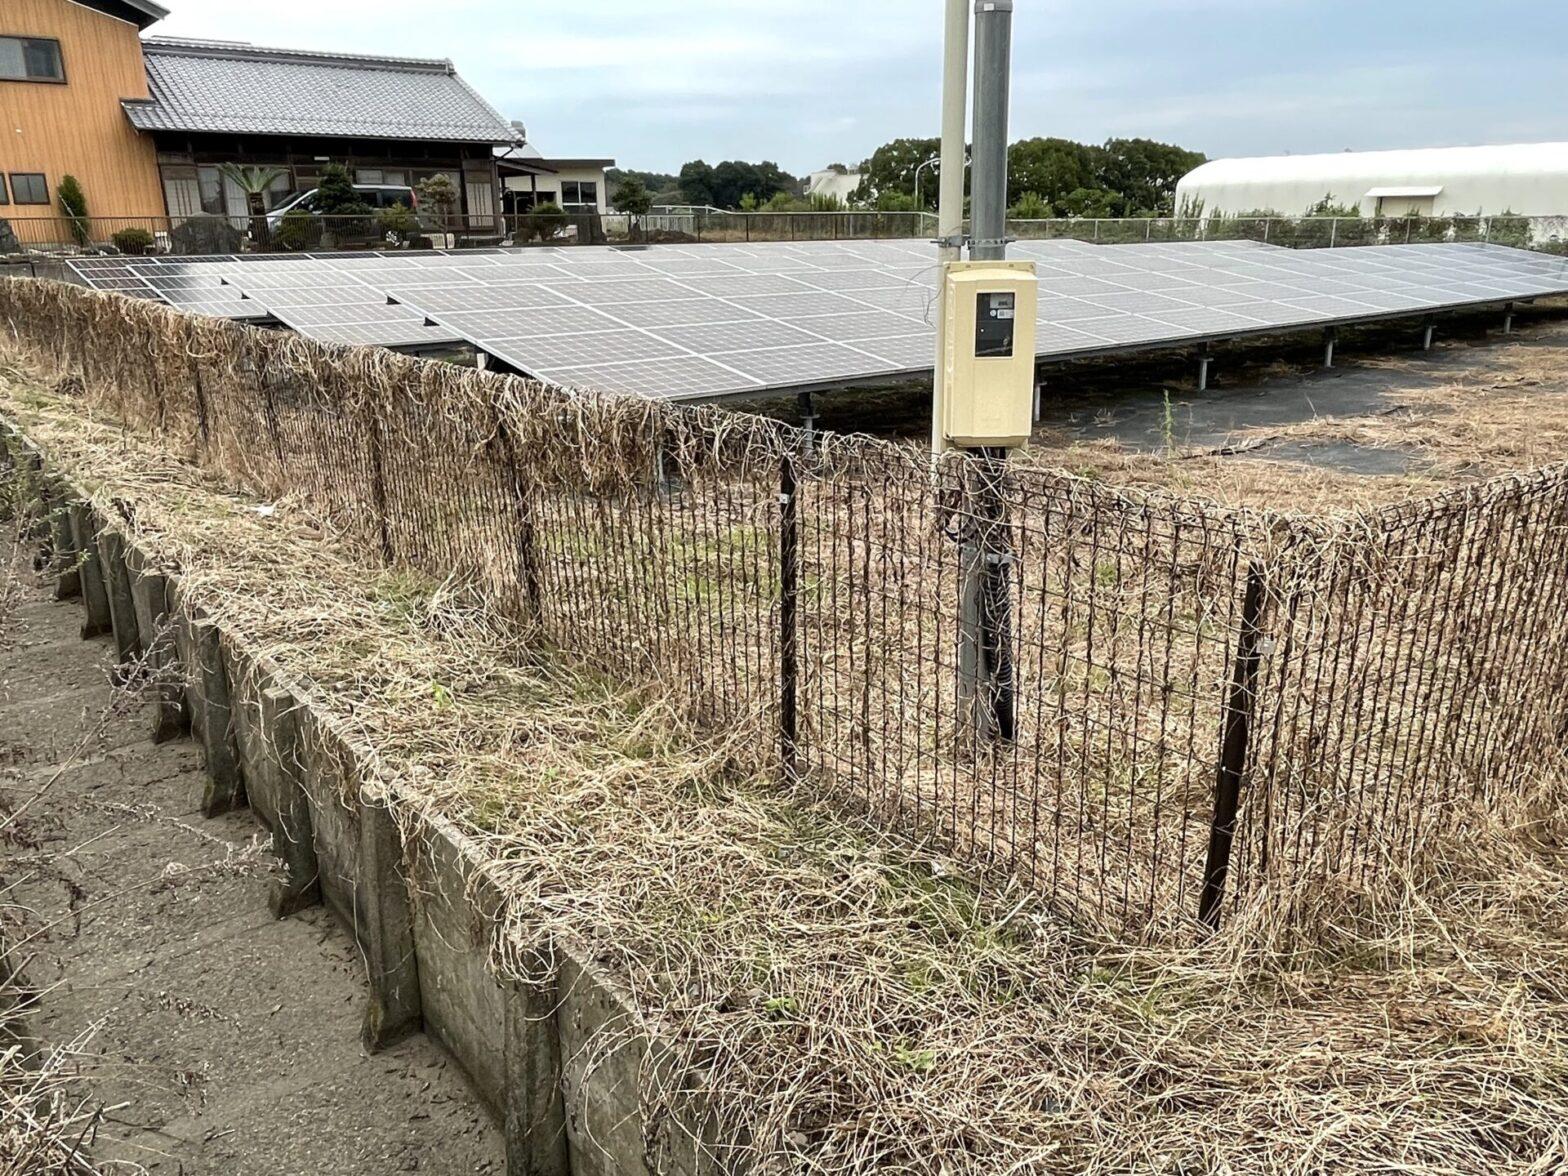 太陽光発電所【除草剤散布後の雑草状況】について